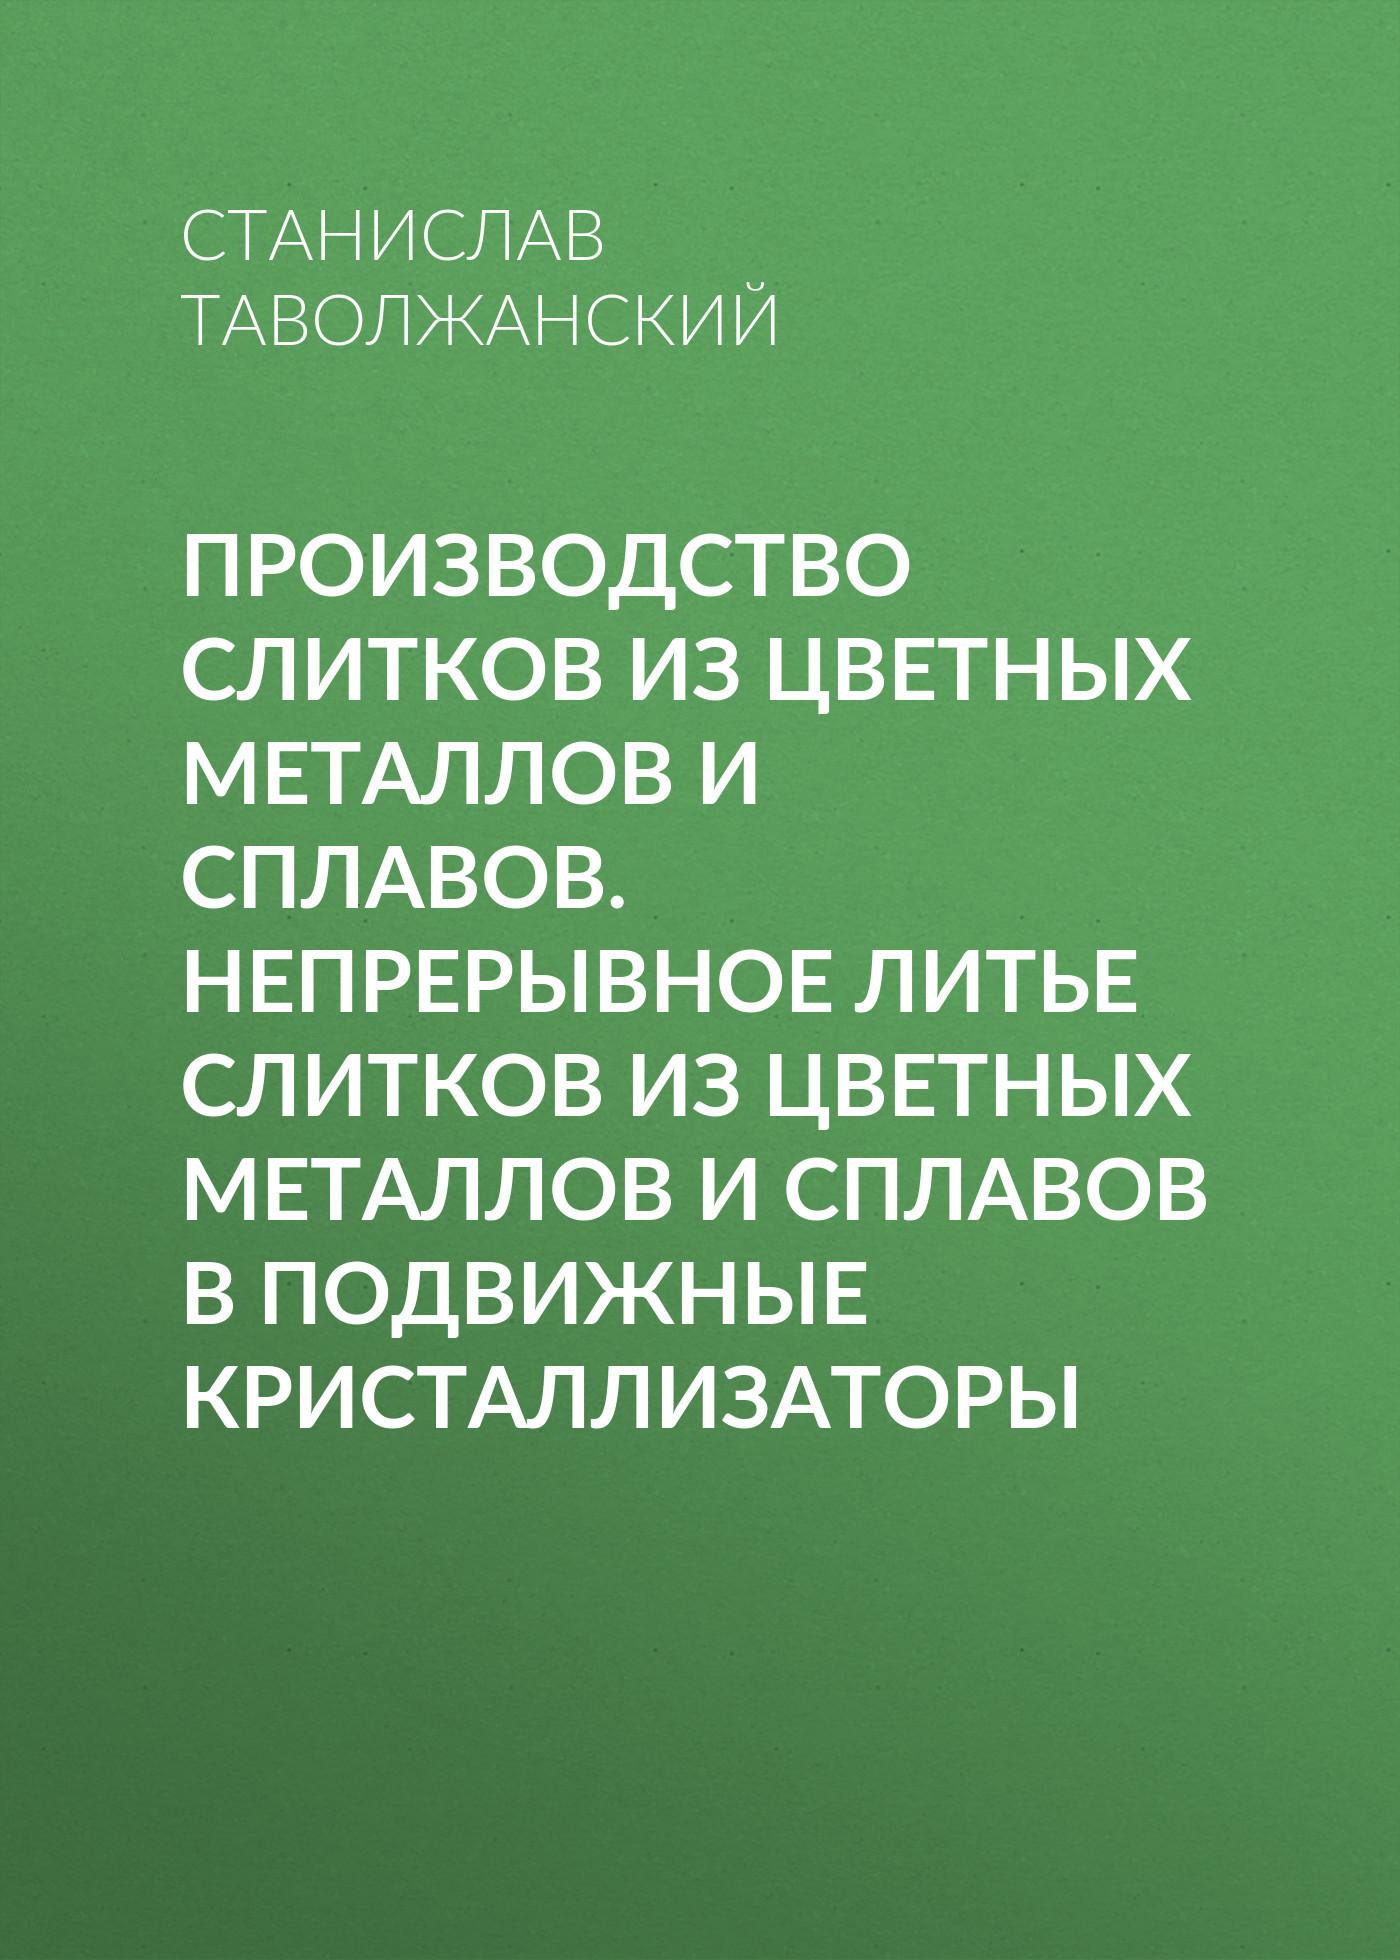 цена на Станислав Таволжанский Производство слитков из цветных металлов и сплавов. Непрерывное литье слитков из цветных металлов и сплавов в подвижные кристаллизаторы